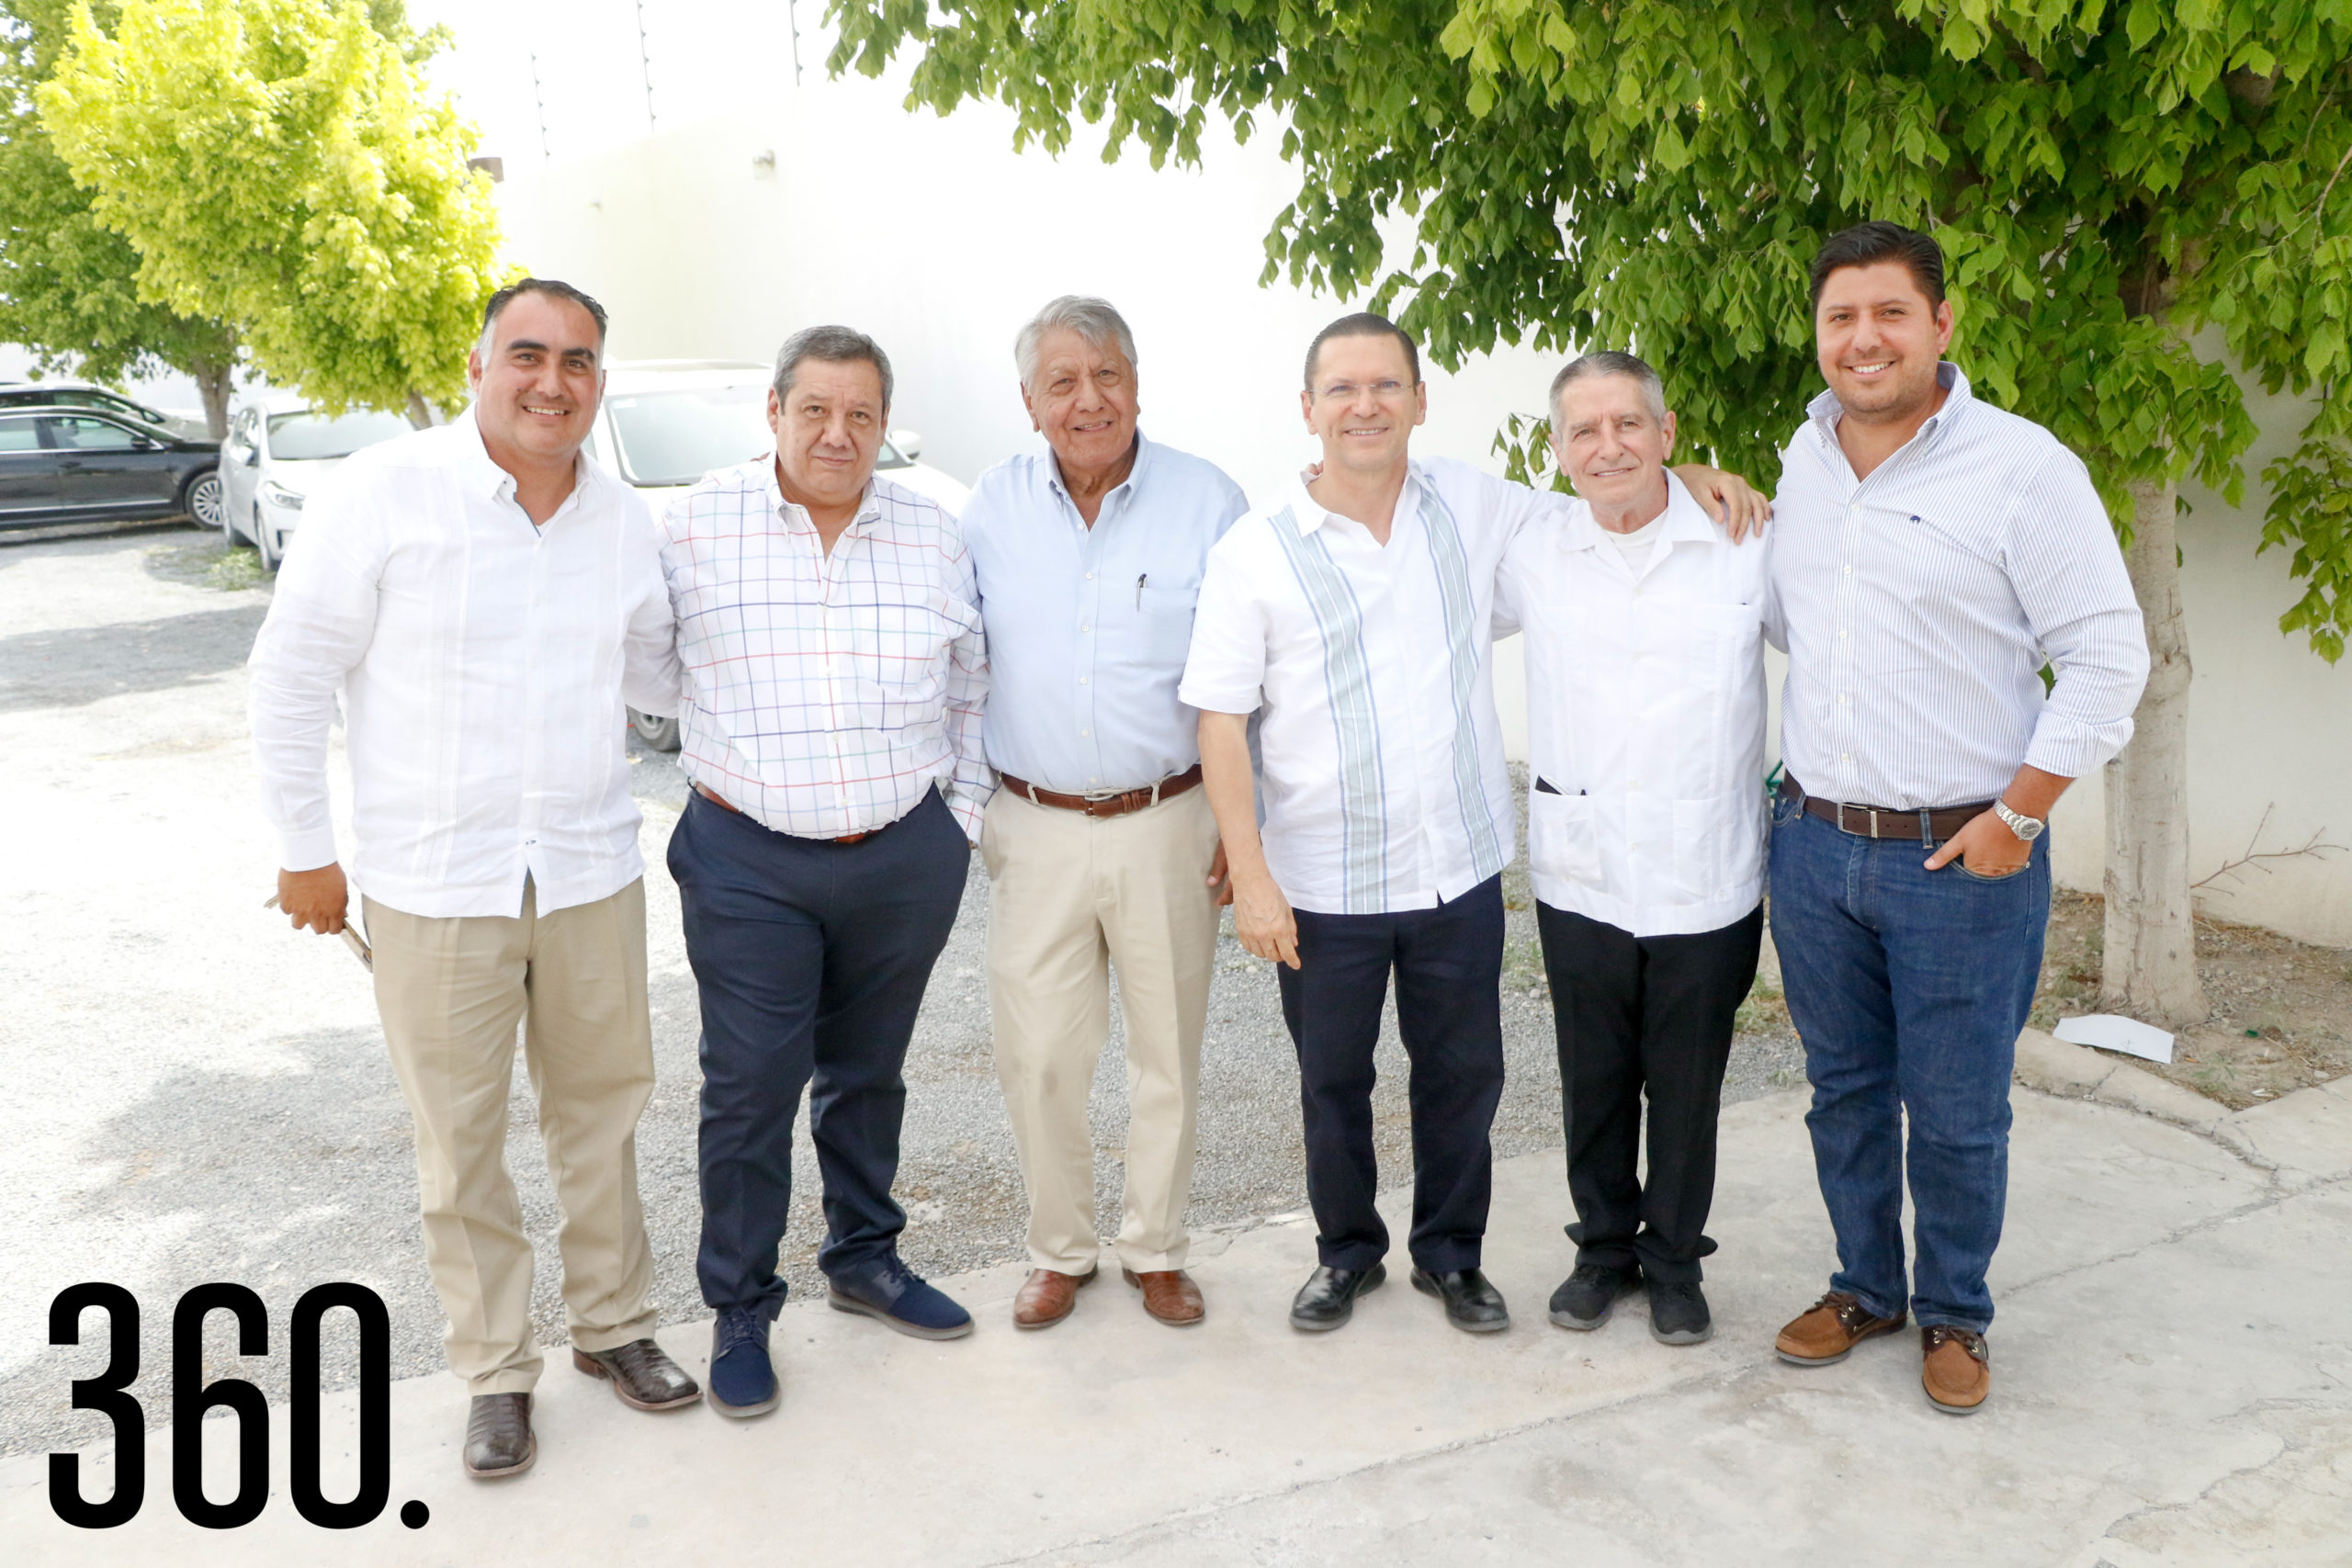 Jesús Figueroa, Homero Ramos, Marcos Trejo, Jorge Cantú, Baudel Hinojosa y Gerardo Trejo.